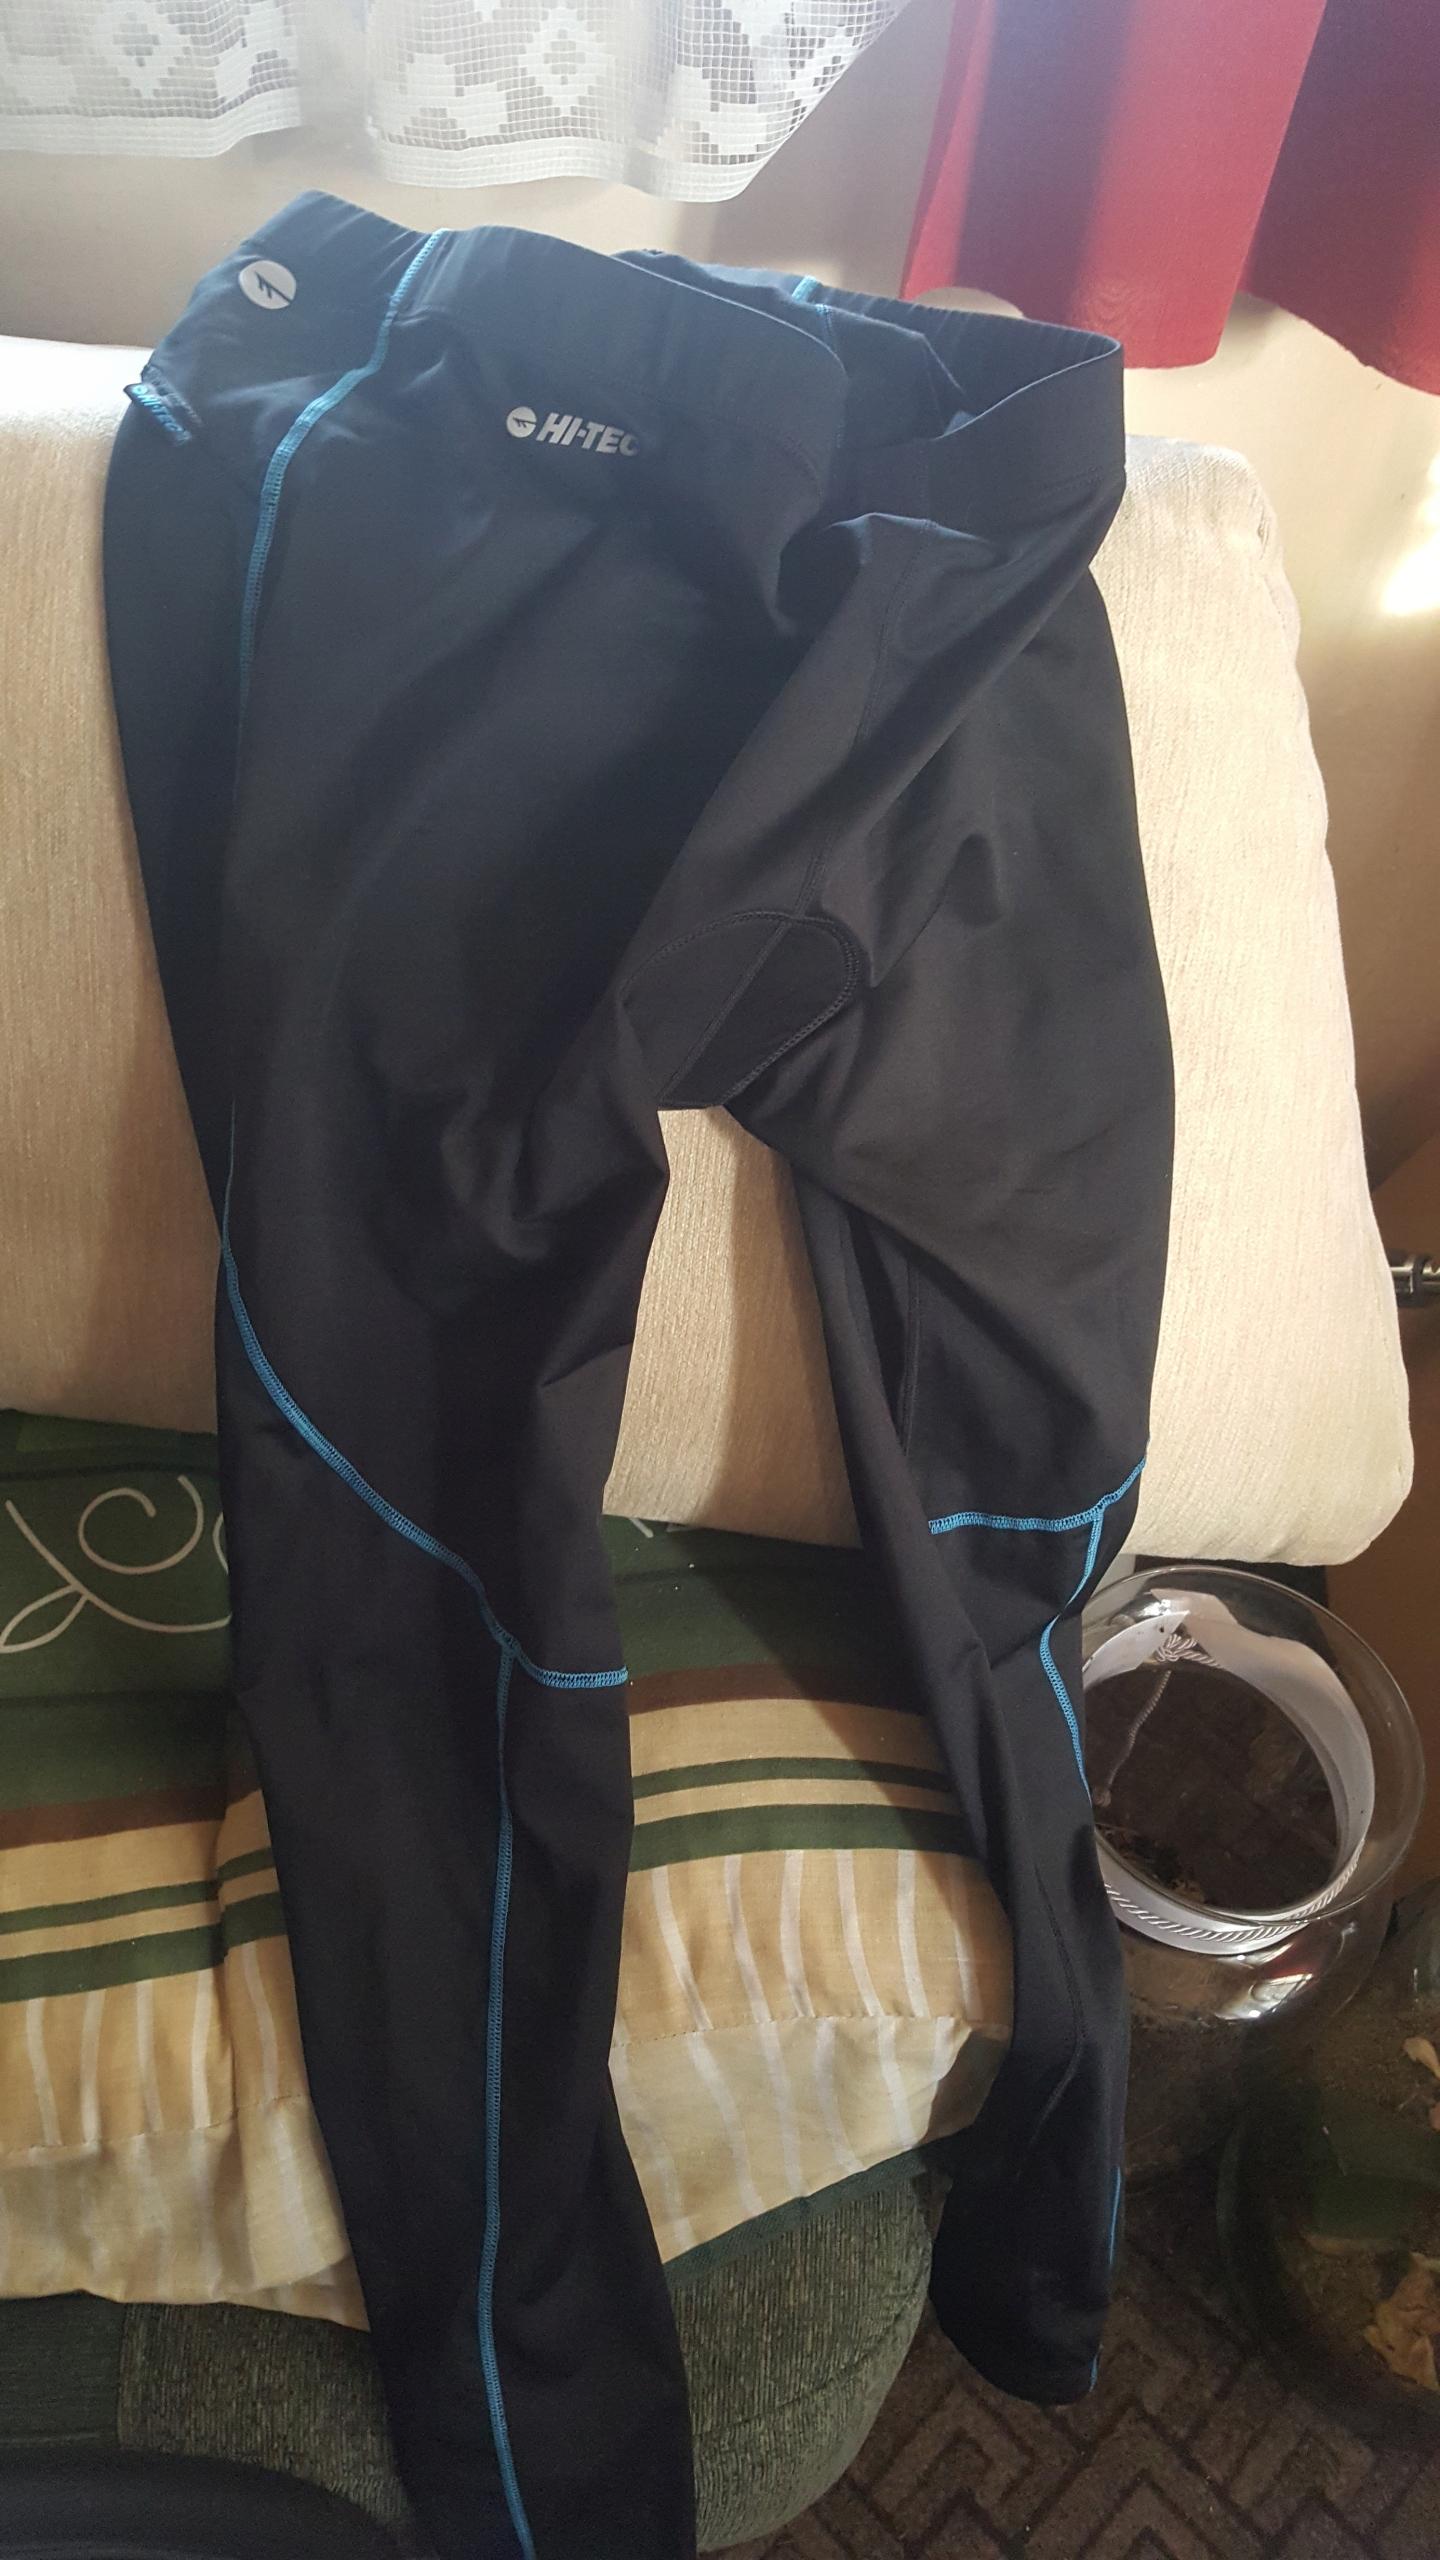 najtańszy najwyższa jakość buty jesienne Spodnie rowerowe HI TEC rozmiar L